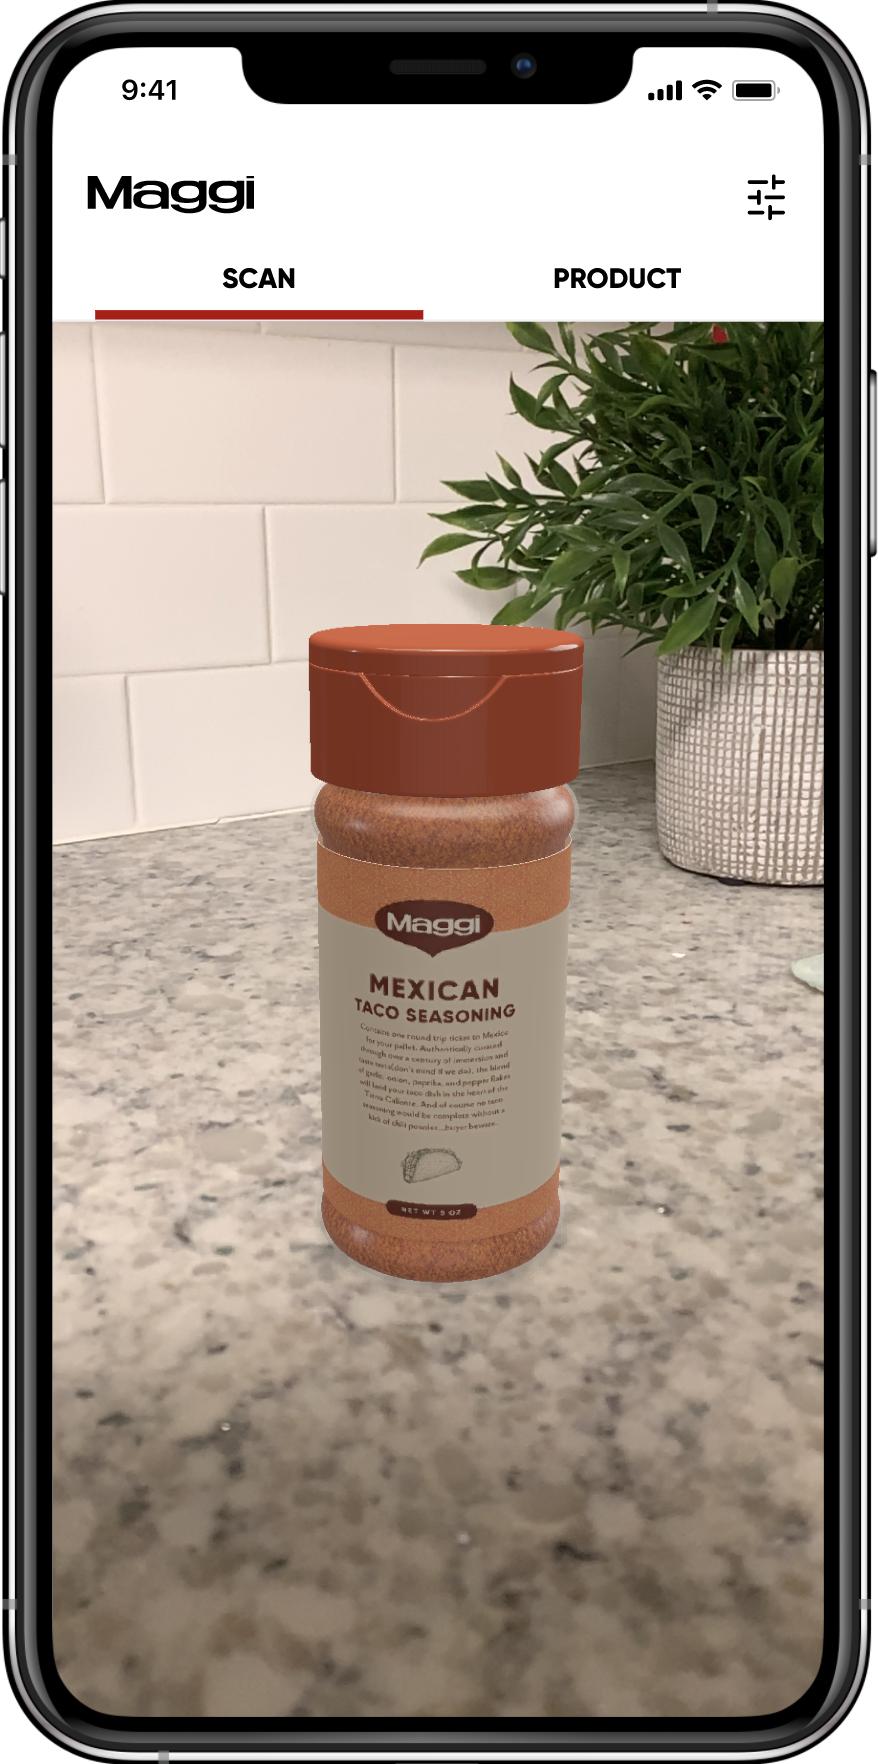 A spice bottle